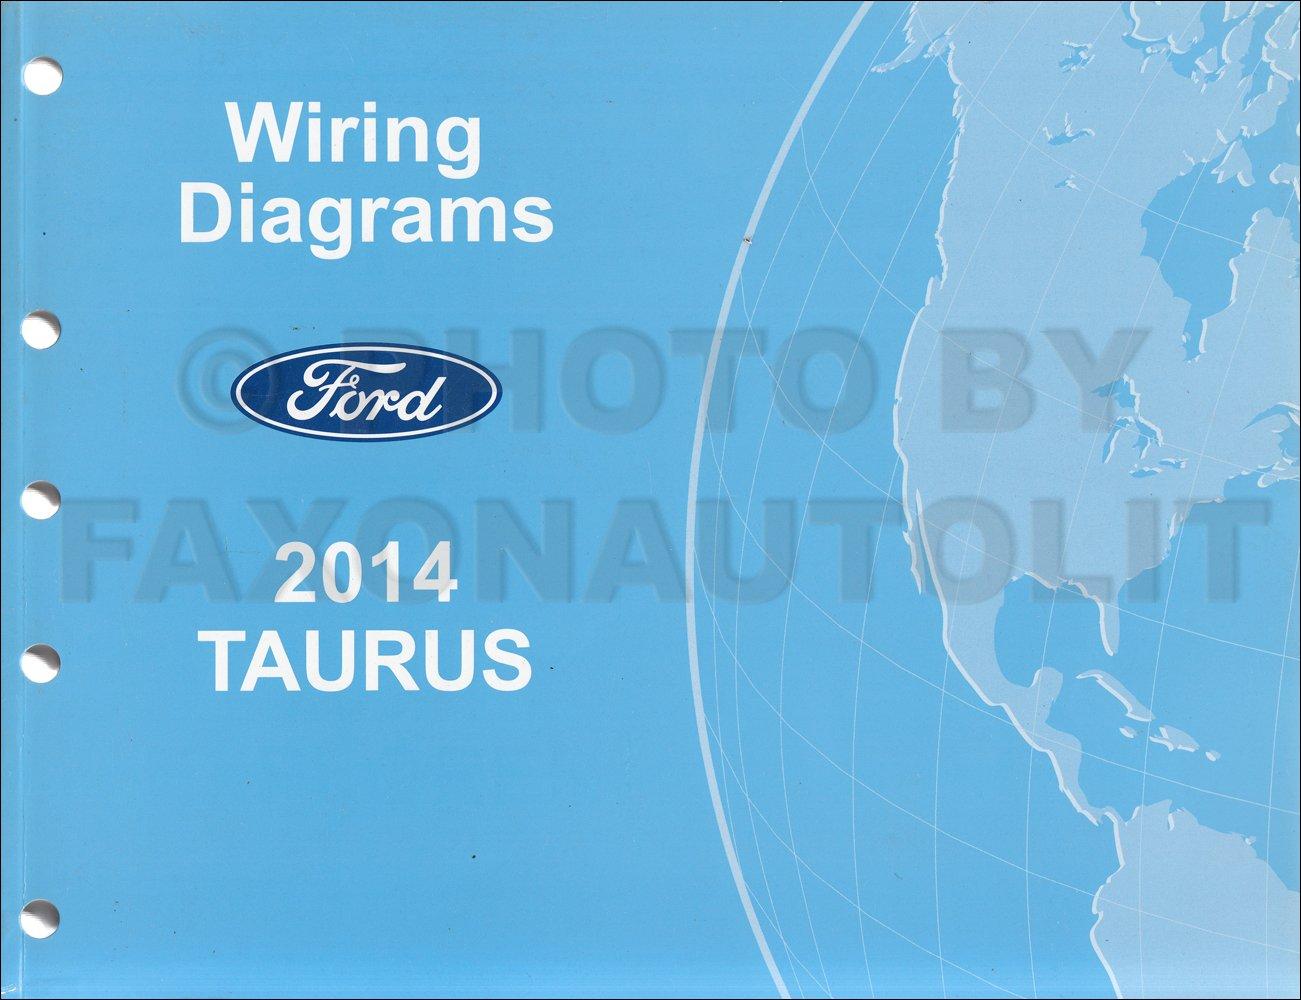 2014 Ford Taurus Wiring Diagram Manual Original: Ford: Amazon.com: Books | Ford Taurus Wiring Diagrams |  | Amazon.com